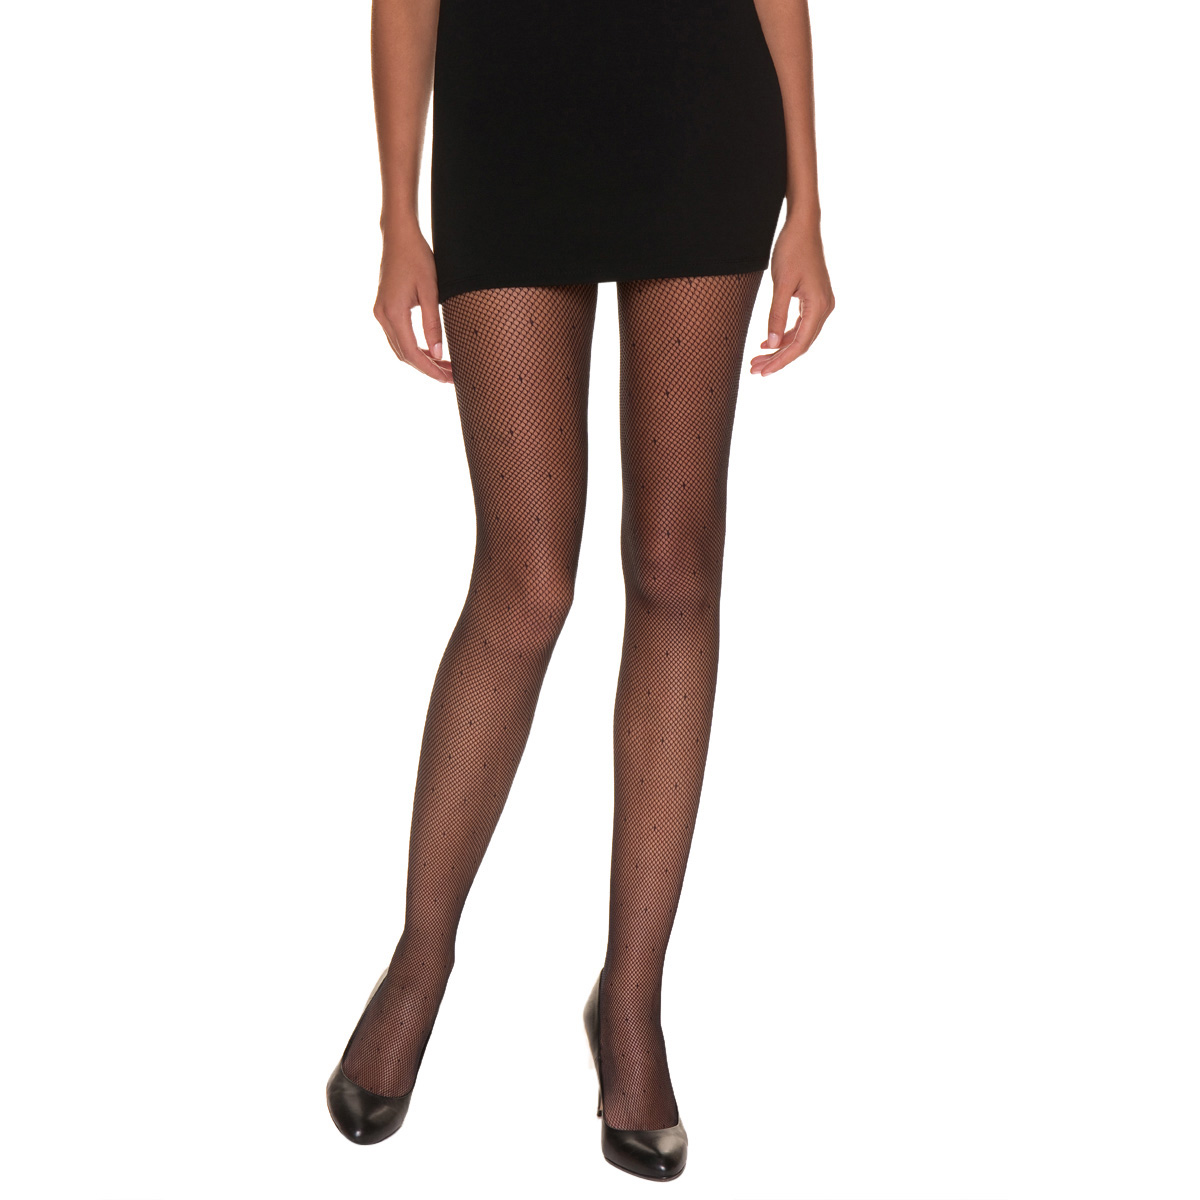 Collant So Sexy résille plumetis noir 65D